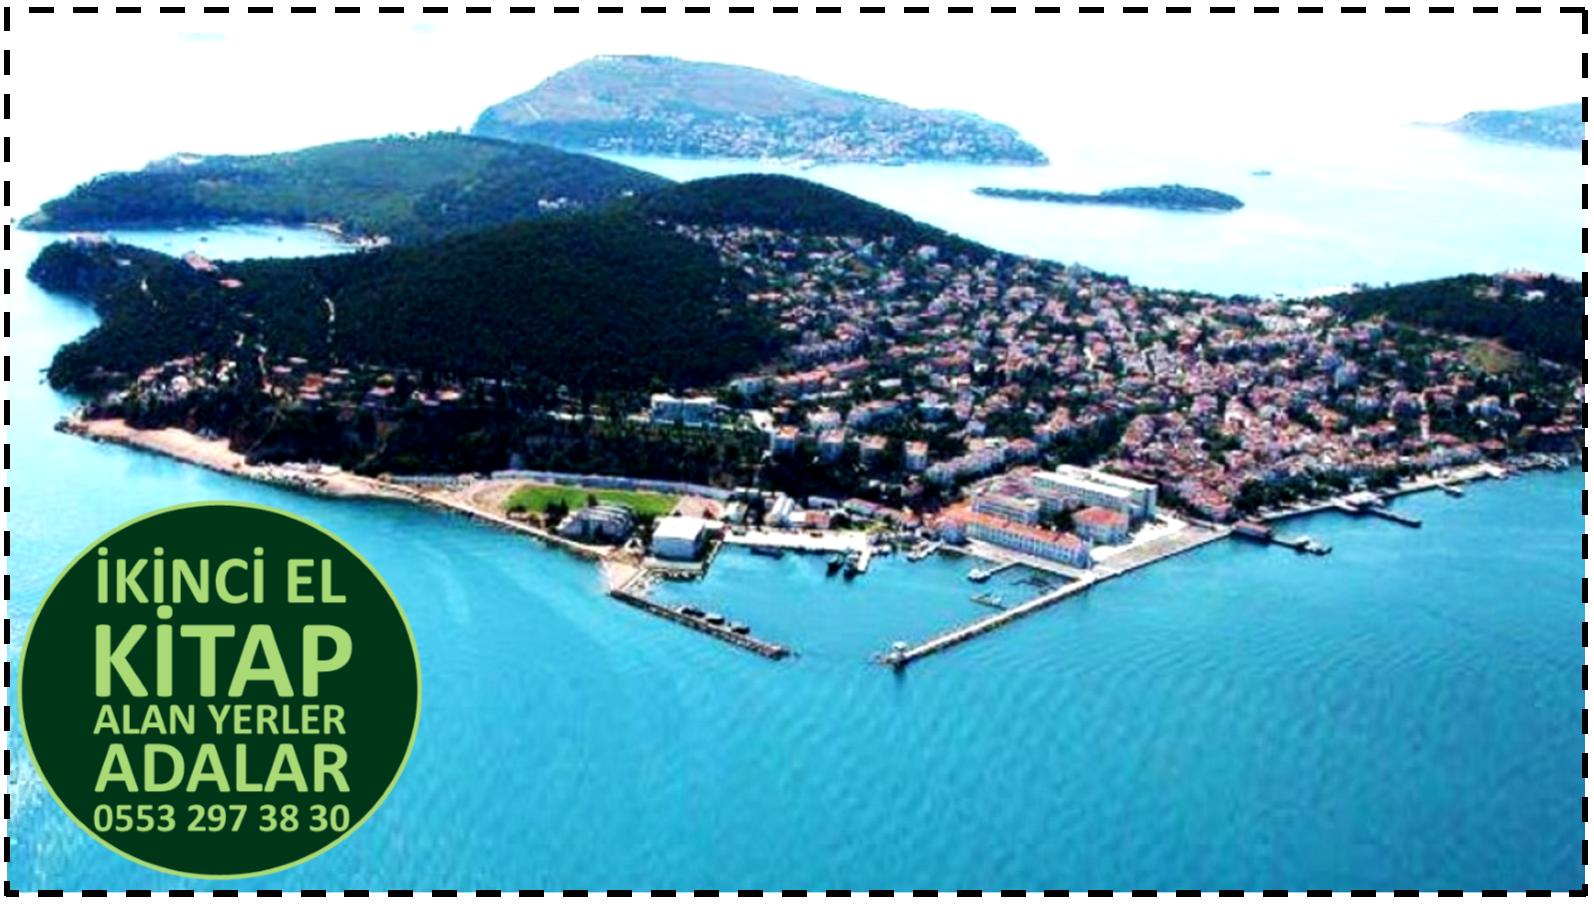 İkinci El Kitap Alan Yerler Adalar / İstanbul - 0553 297 38 30